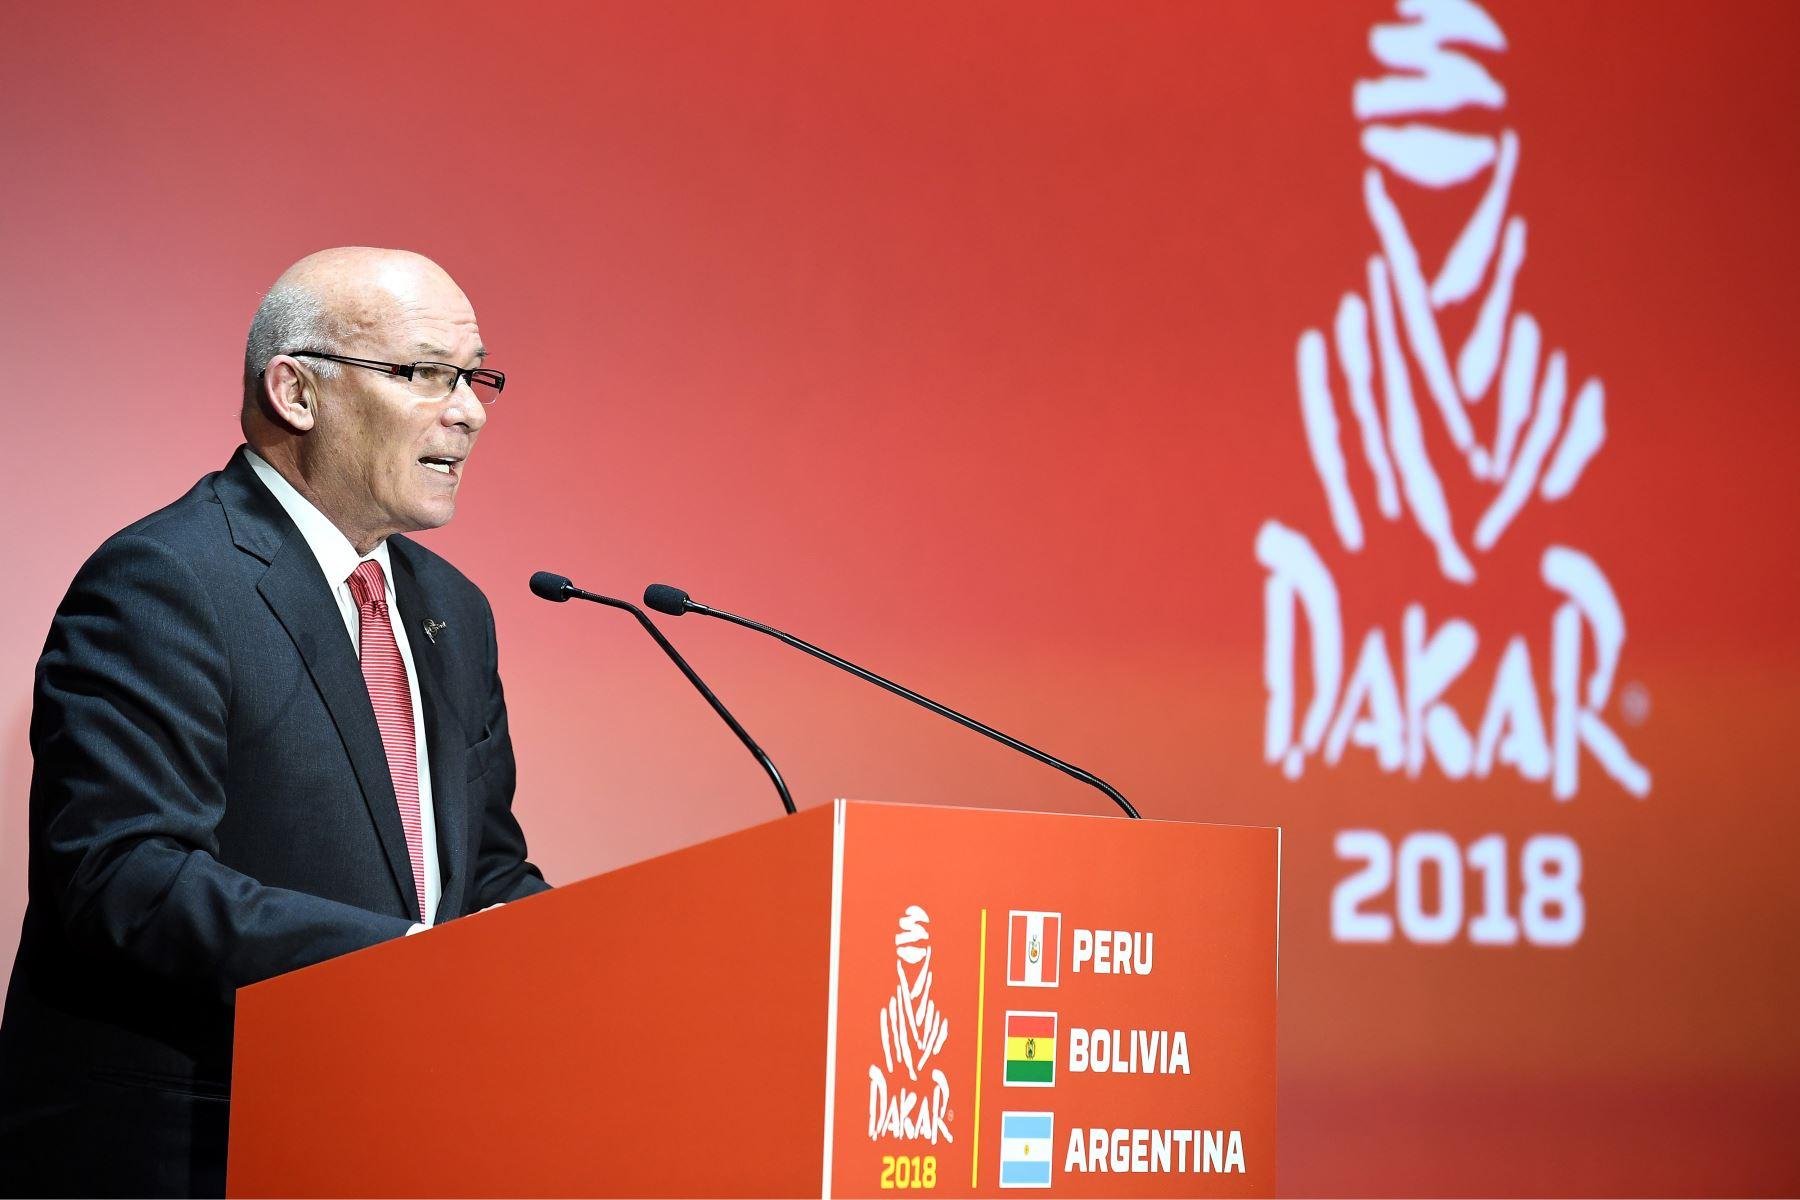 22/11/2017   Ministro de Comercio Exterior, Eduardo Ferreyros, durante la presentación en Francia del Dakar 2018. Foto: AFP.